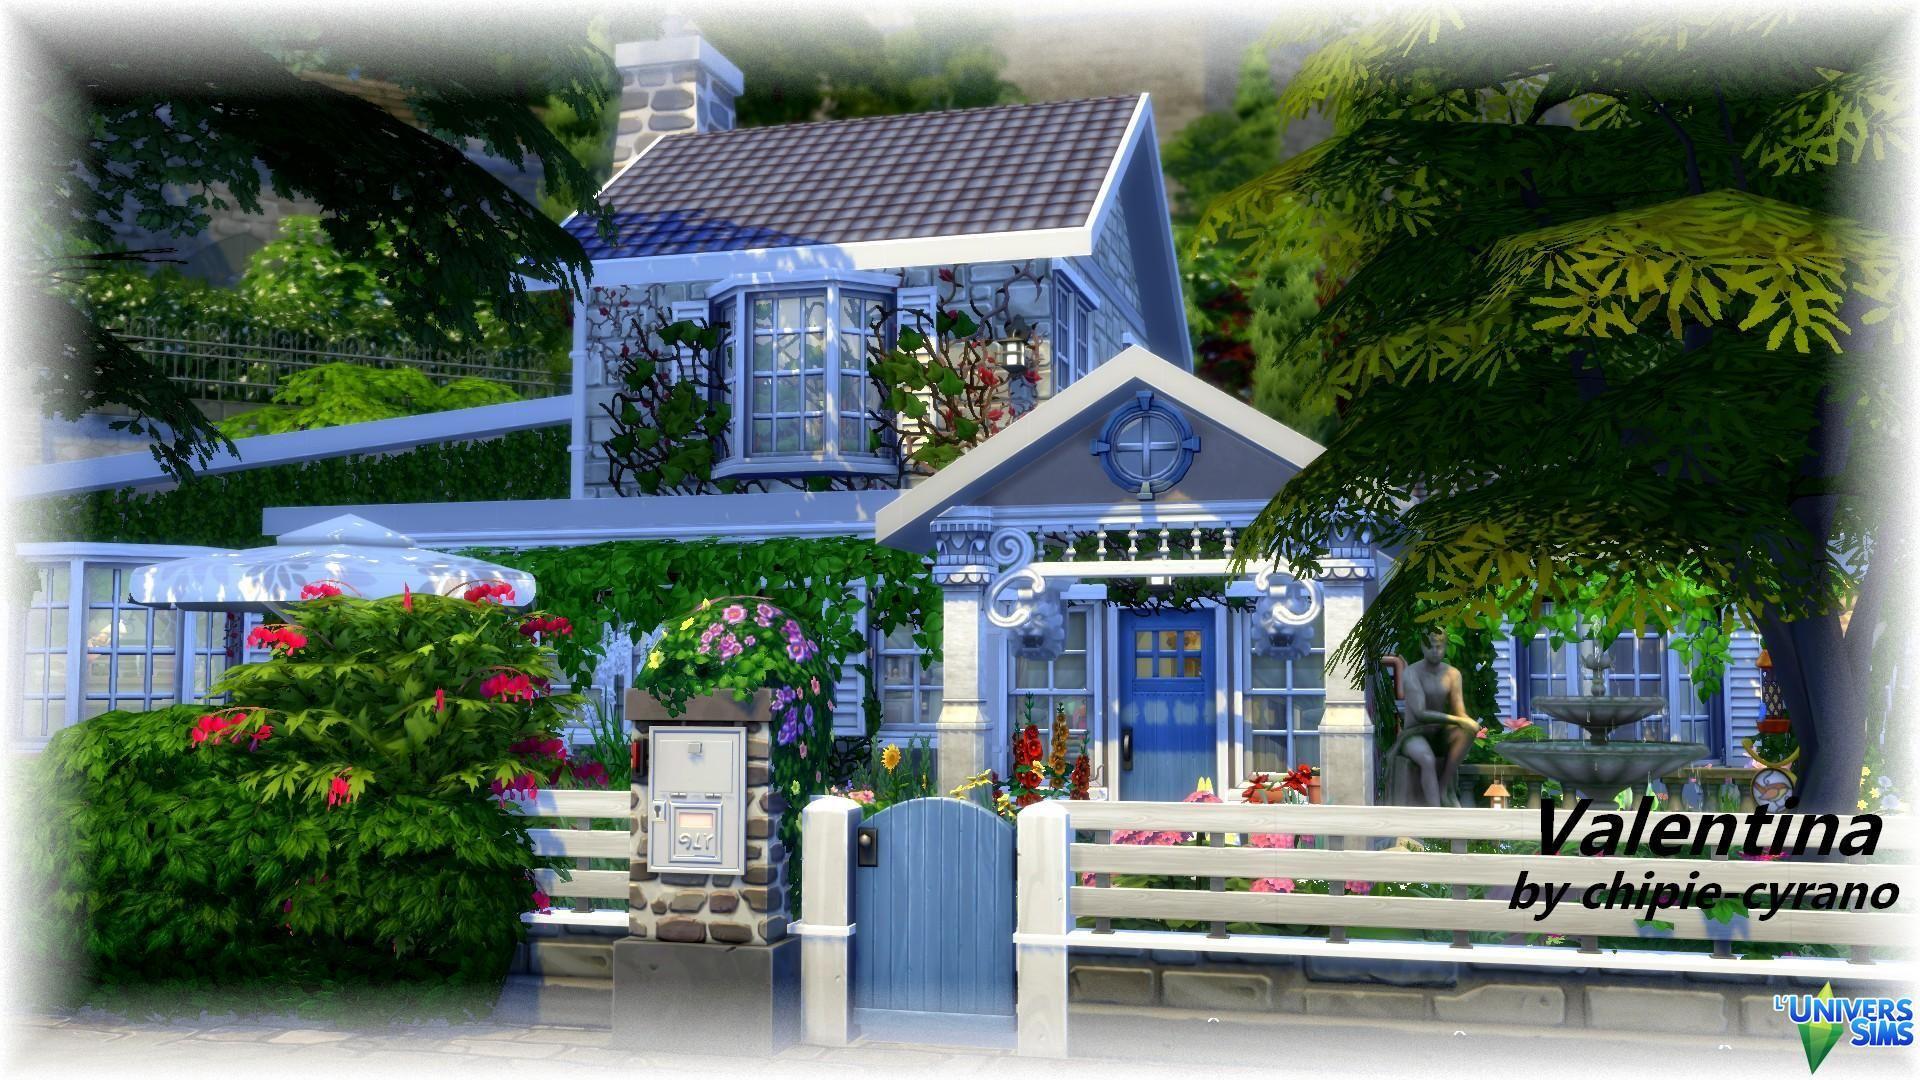 valentina maisons l 39 universims maisons sims 4 pinterest maison sims sims et maisons. Black Bedroom Furniture Sets. Home Design Ideas